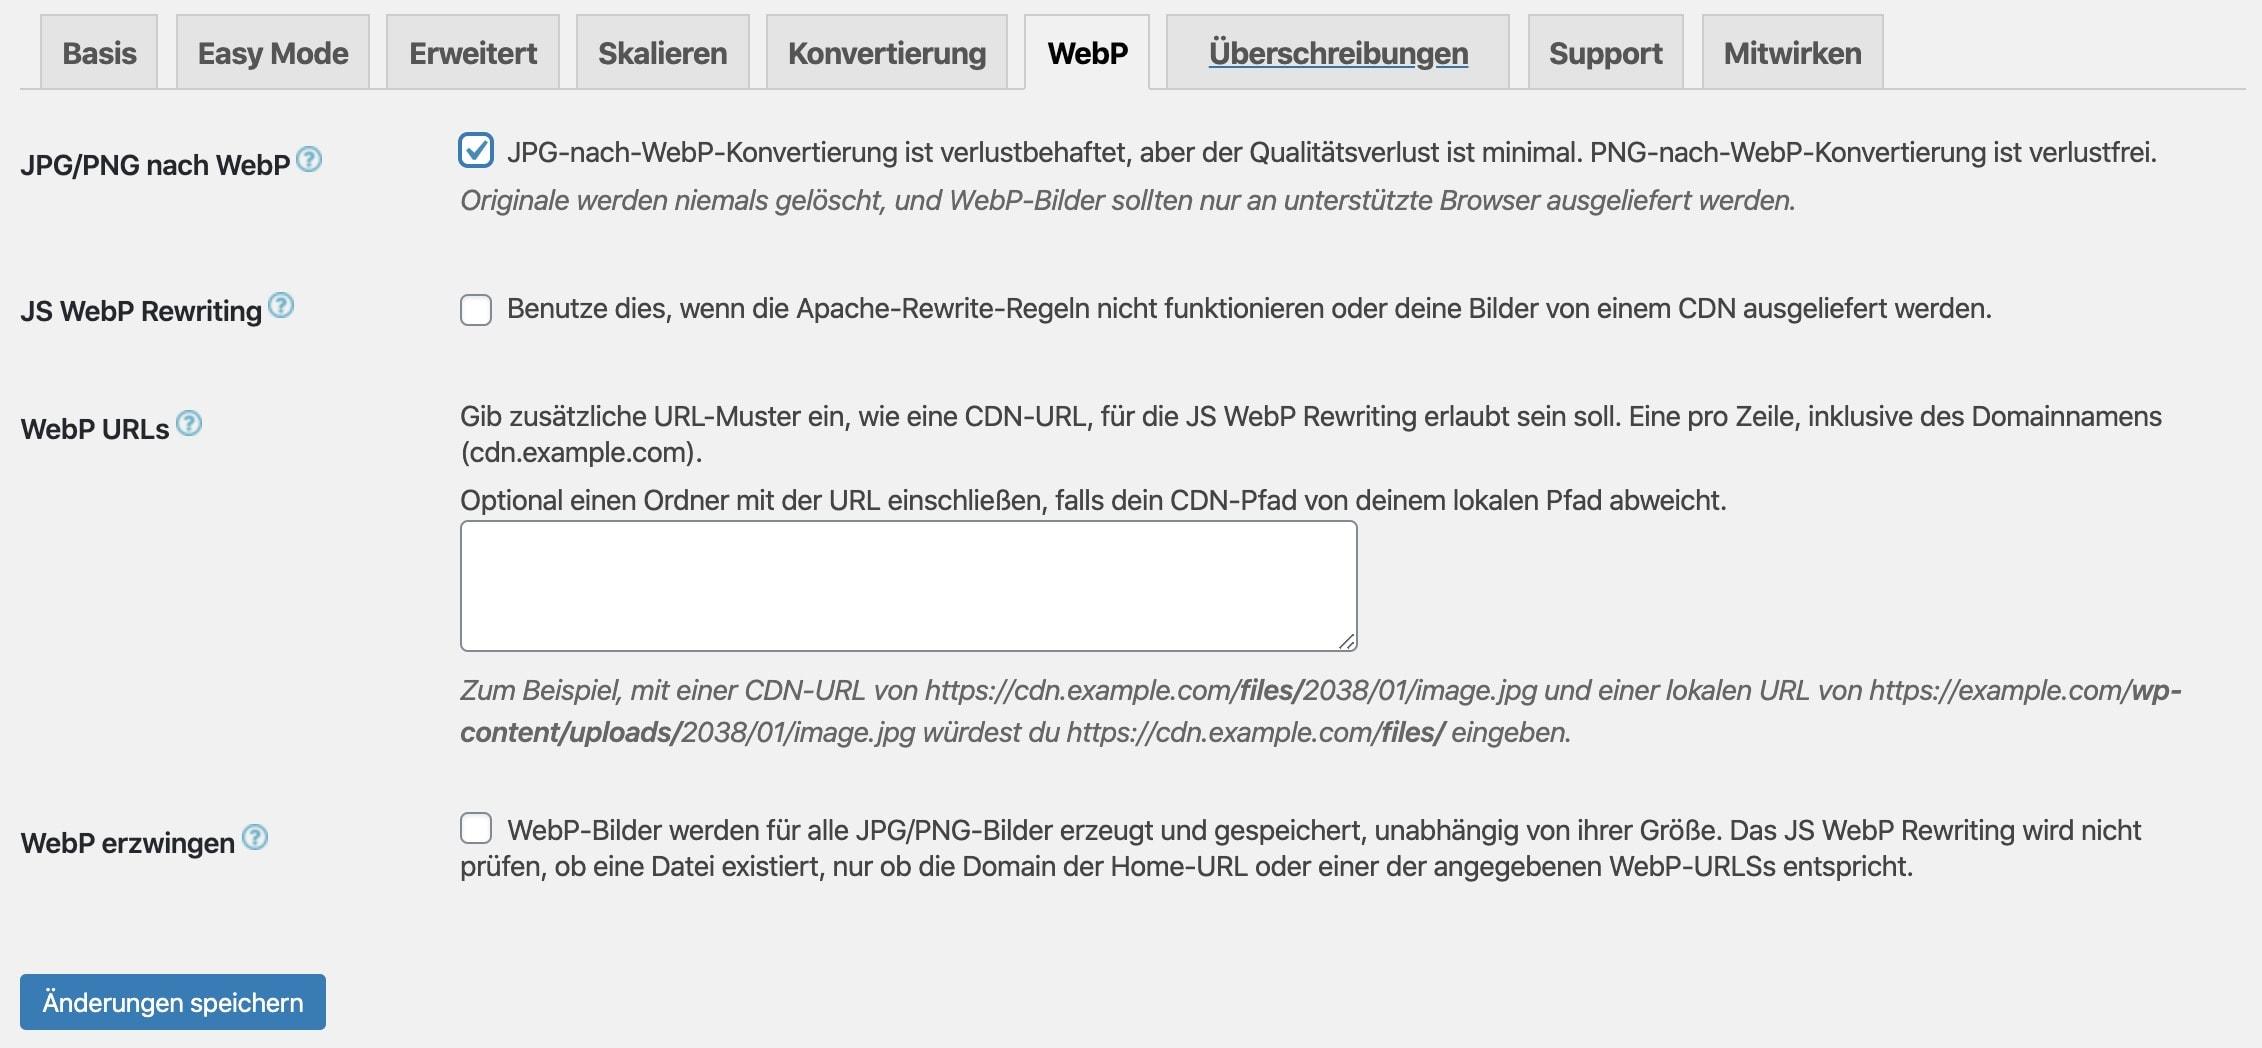 WebP beim EWWW Image Optimizer